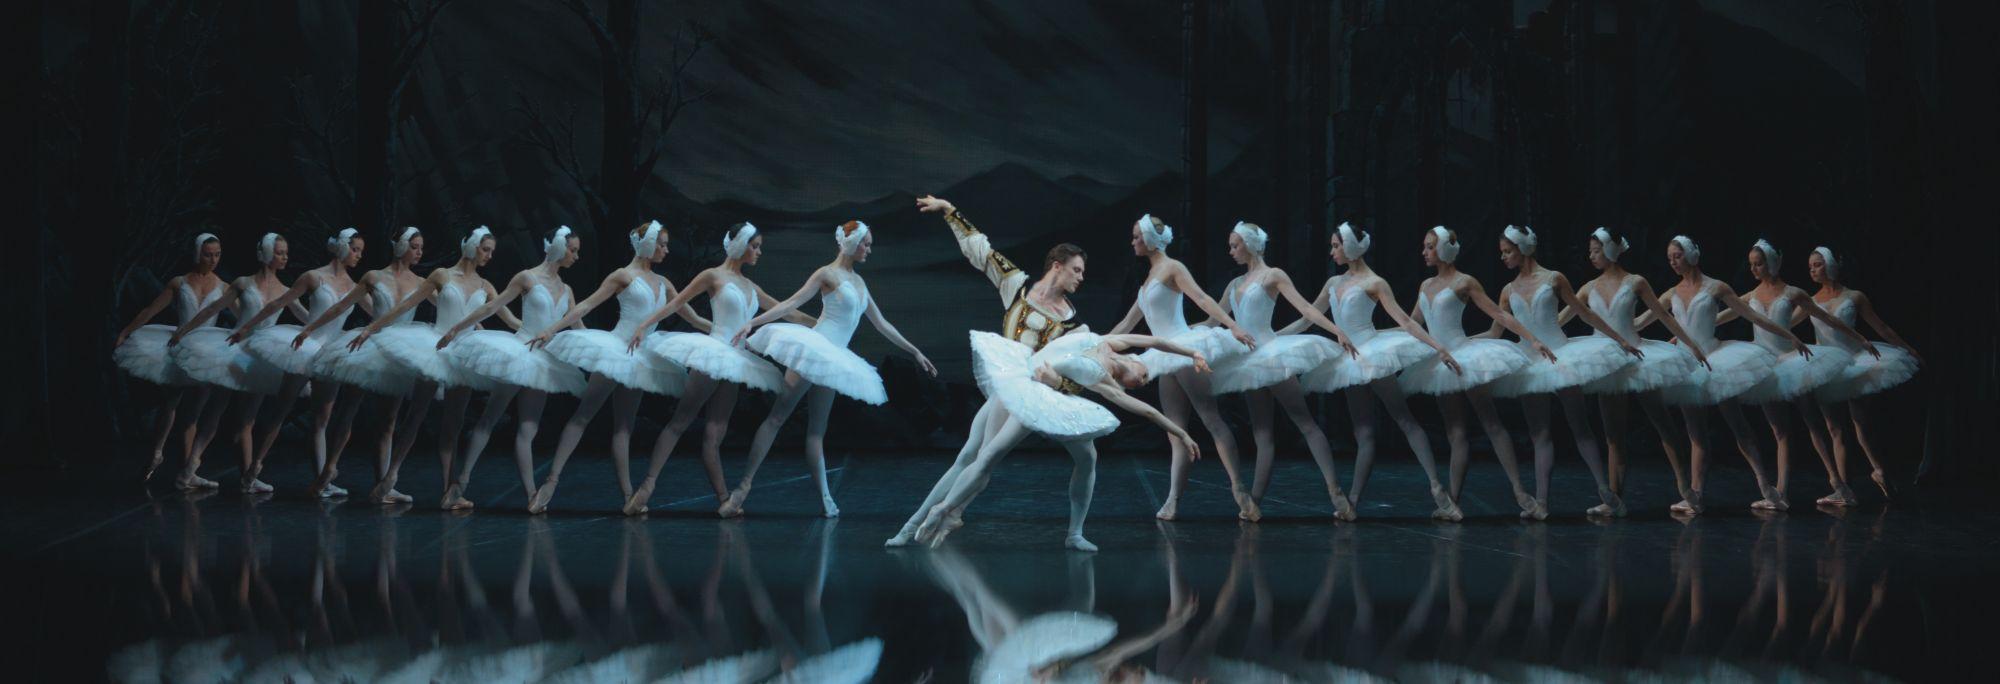 Swan Lake: St Petersburg Ballet Theatre To Make Hong Kong Debut In 2018